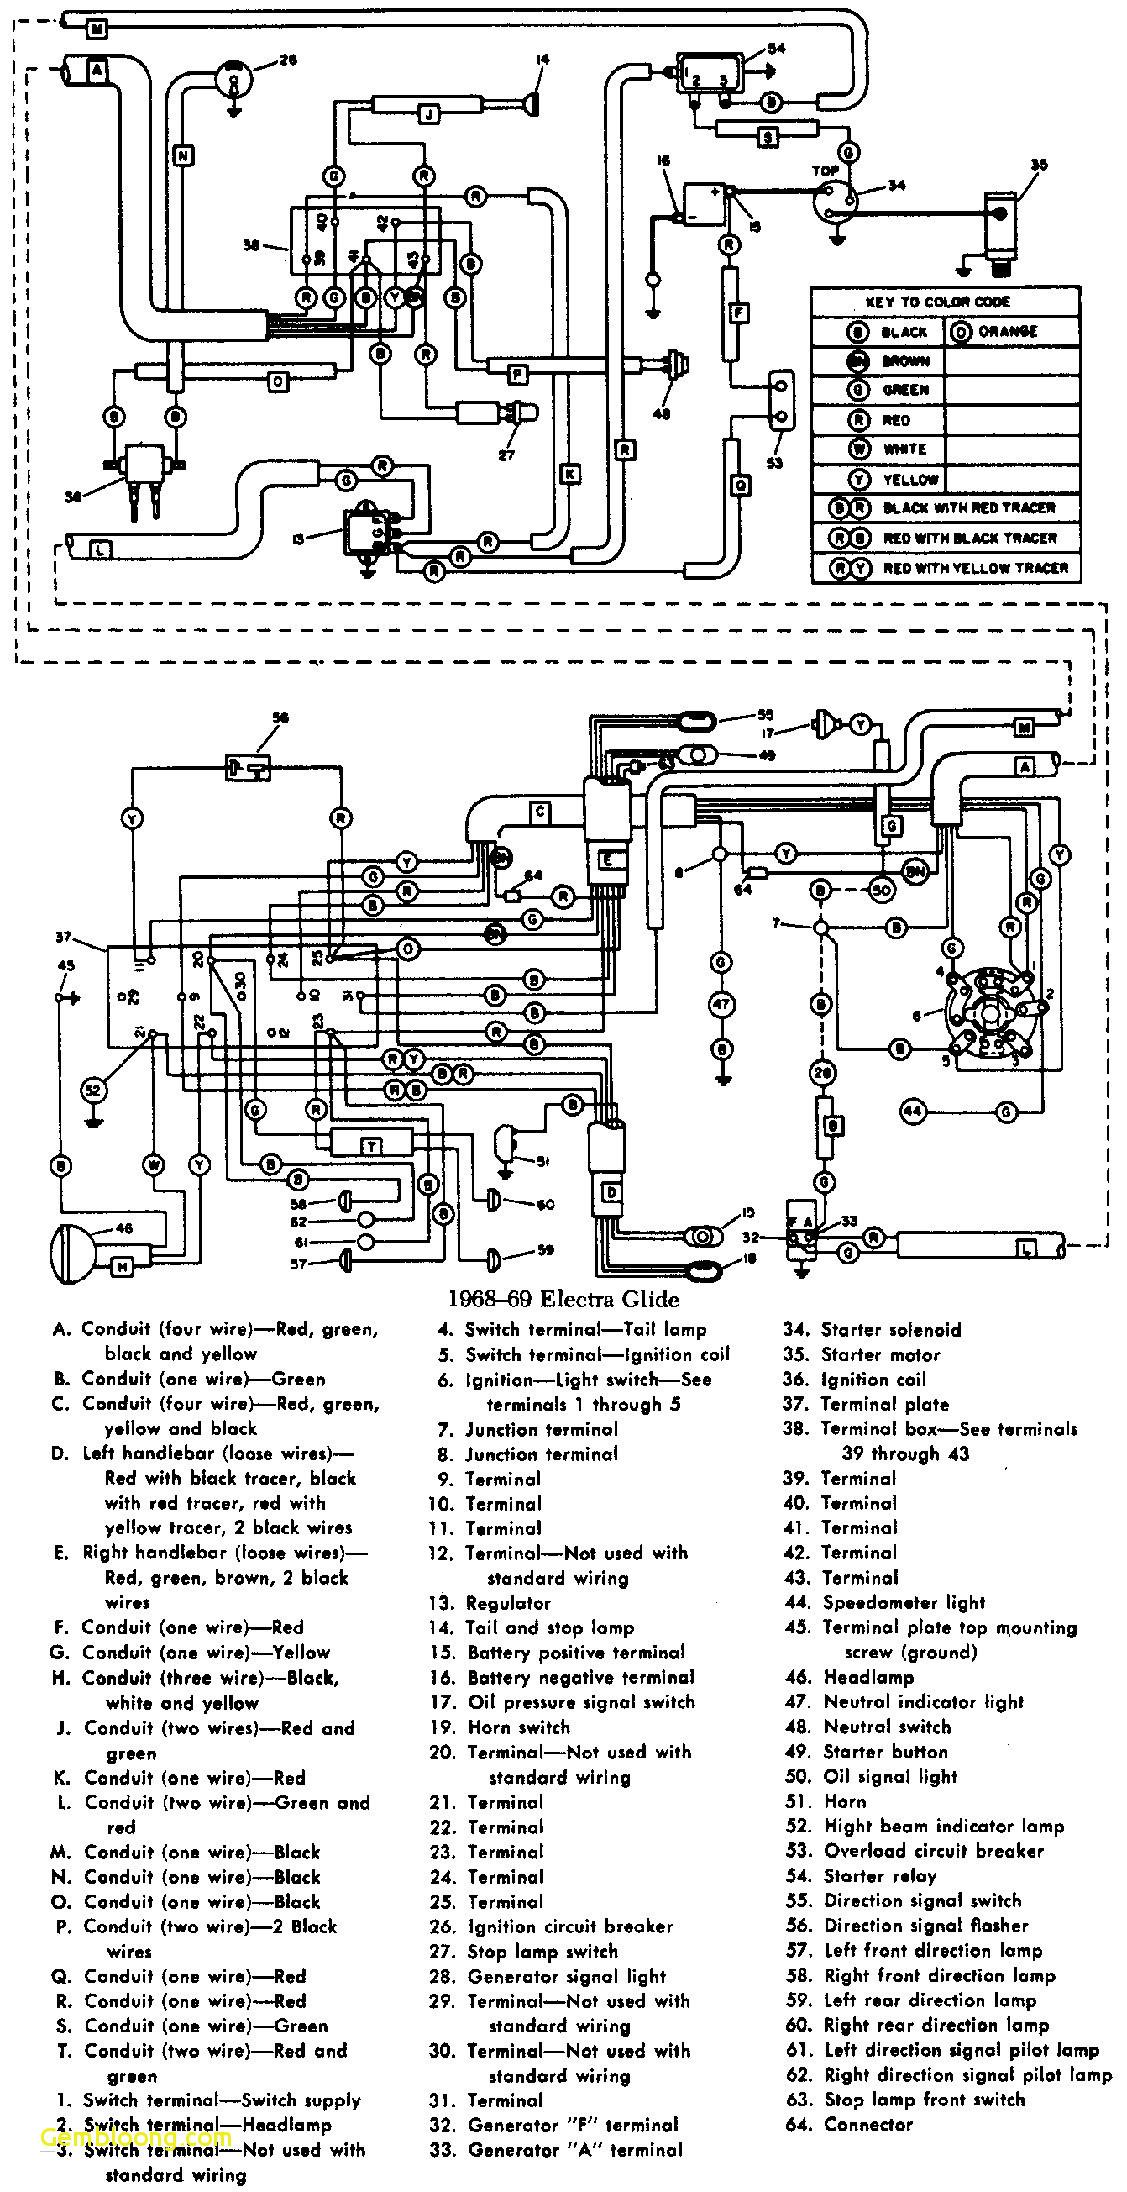 Free Ford Xy Gt Wiring Diagram Harley Radio Wiring Harness Diagram - Ford Radio Wiring Diagram Download